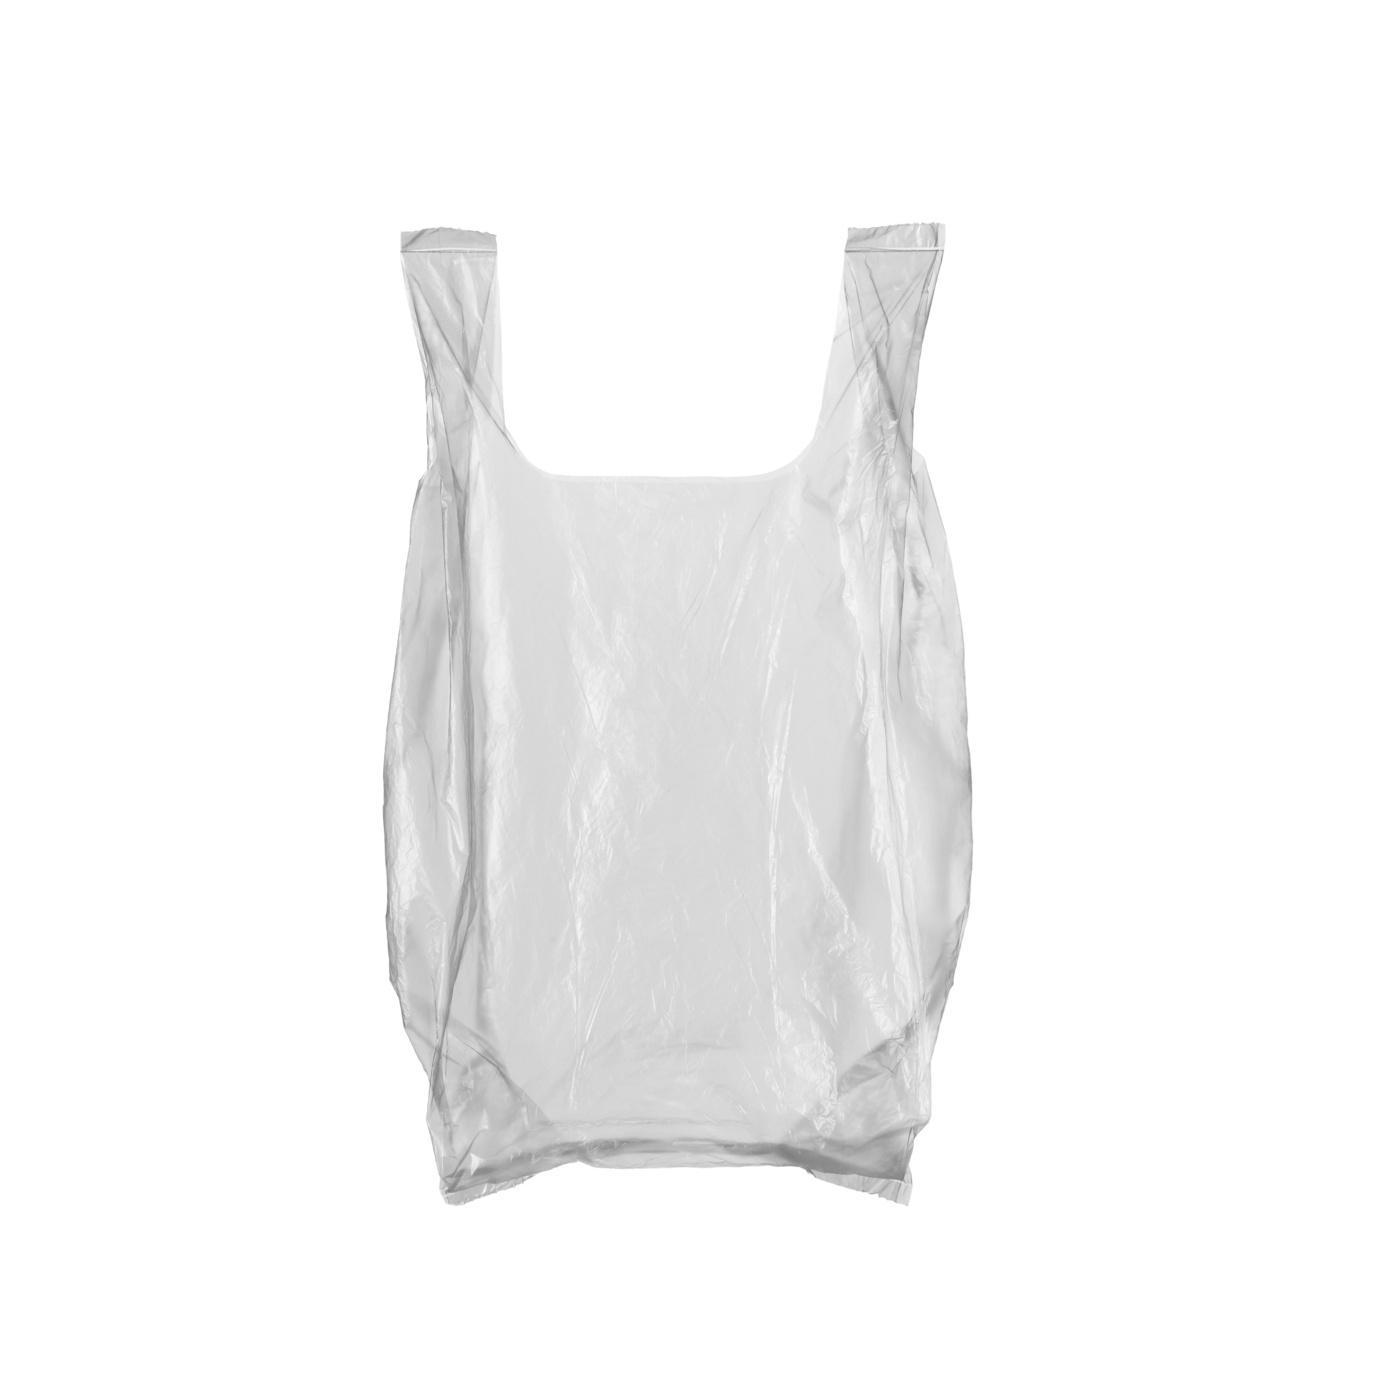 emballage plastique